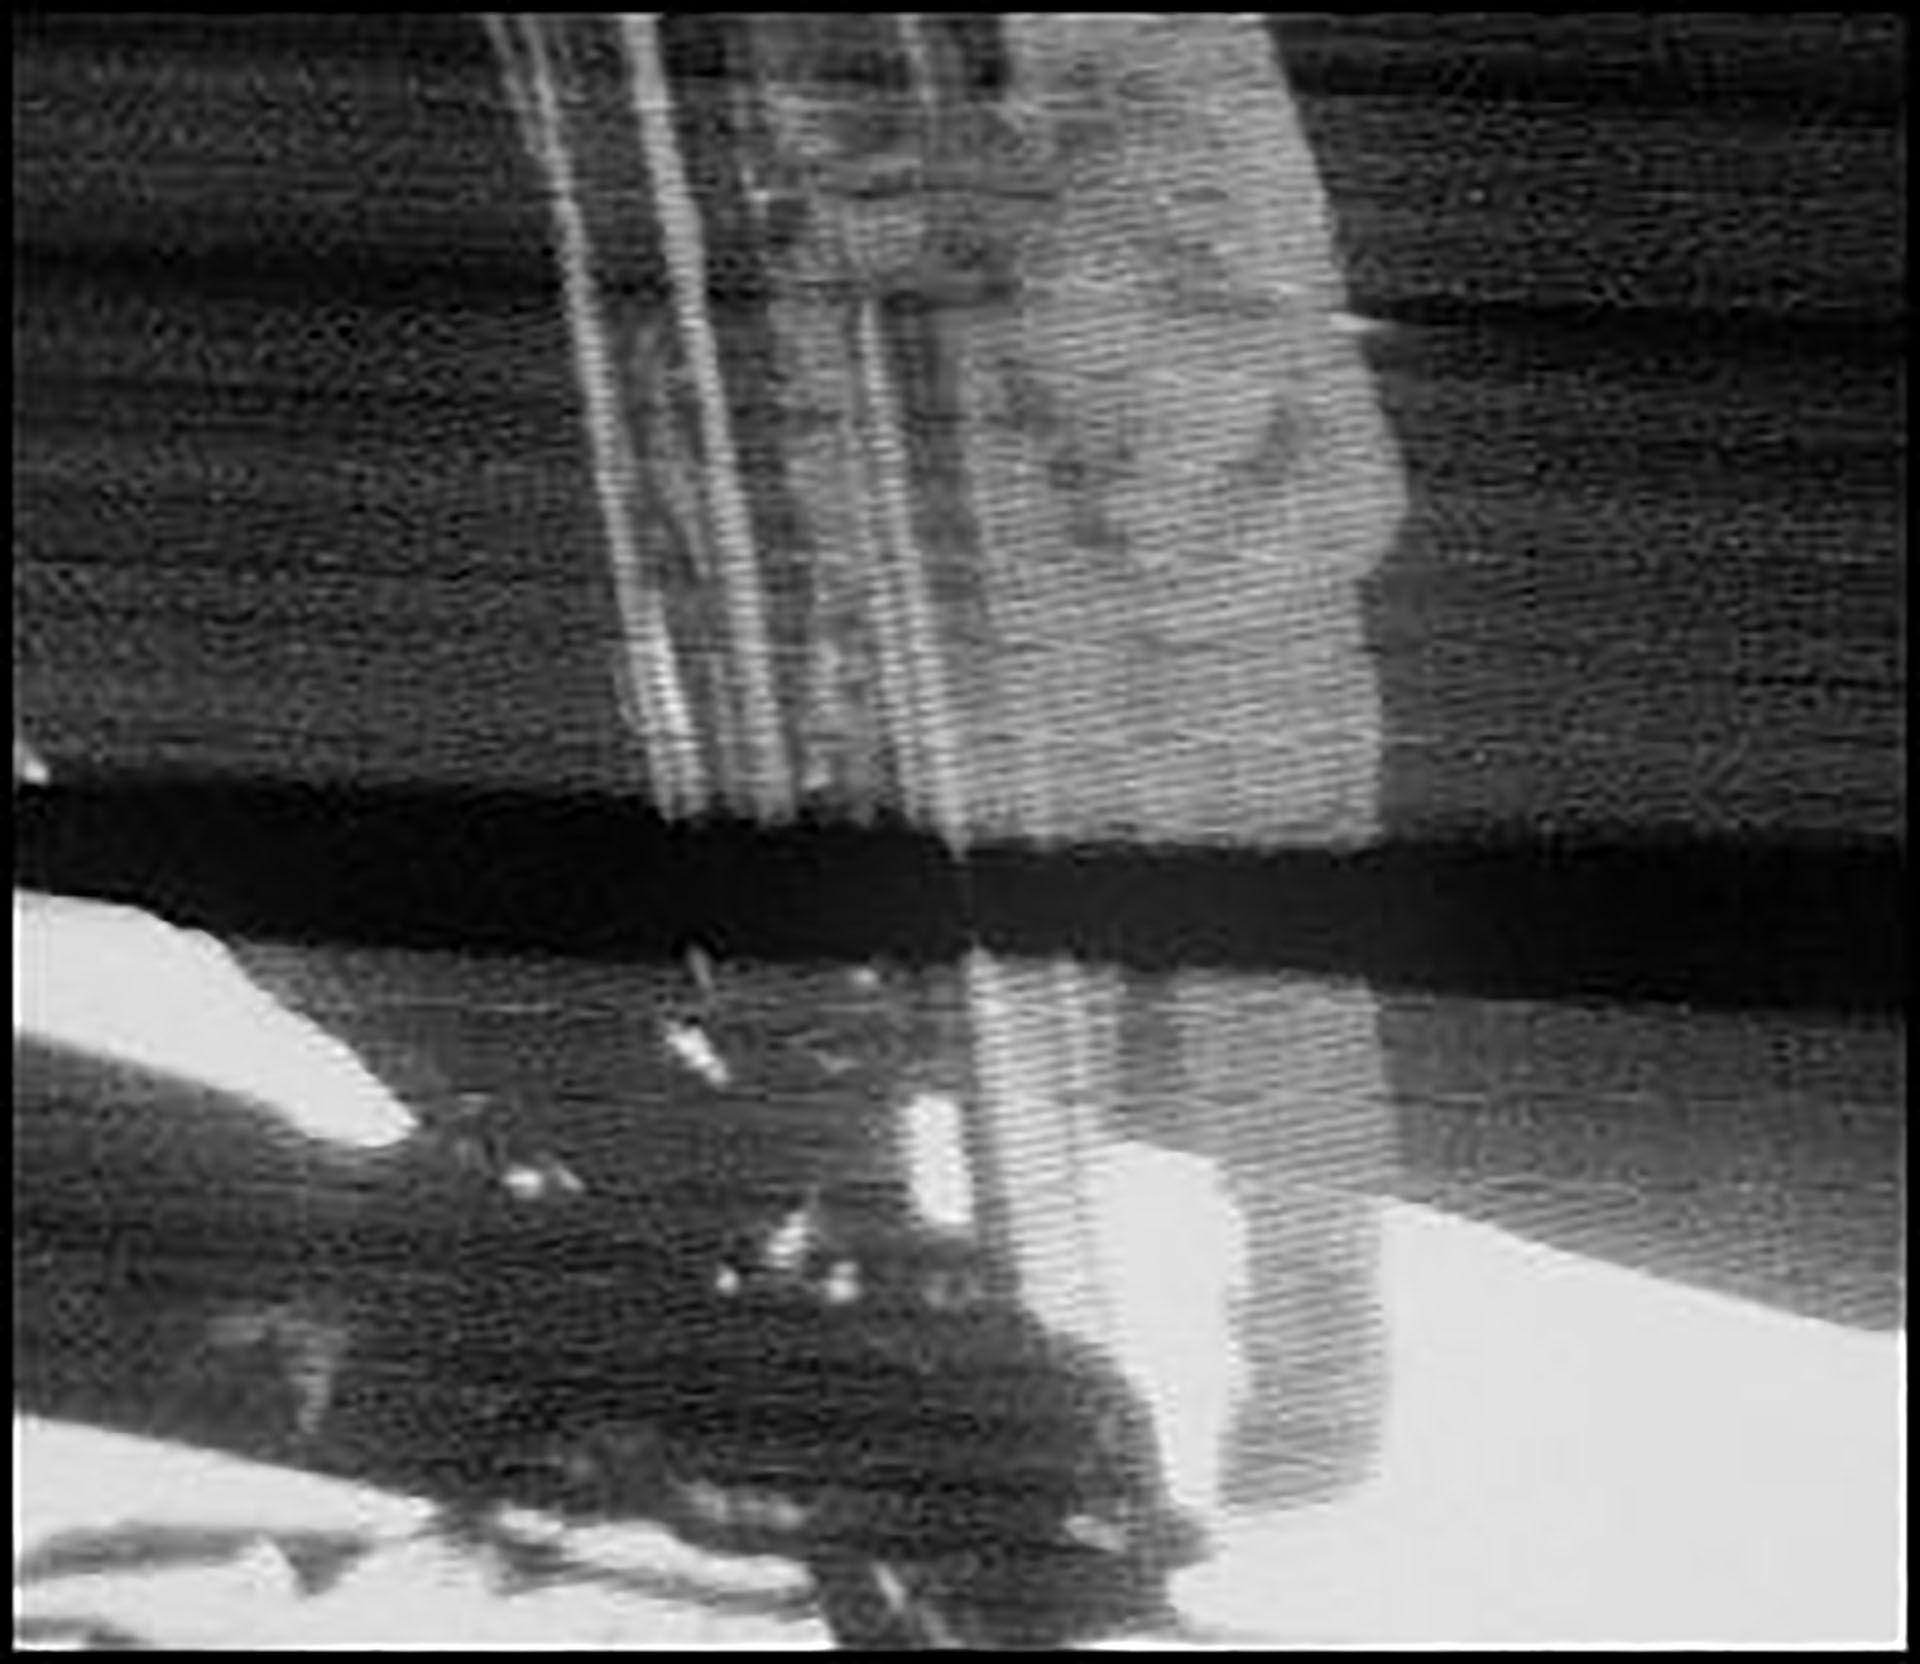 El momento en que Neil Armstrong pisó la luna fue captado por una cámara que iba adosada en un costado de la cápsula lunar. La calidad de la transmisión en blanco y negro era pobre, pero suficiente para dar claro testimonio del momento histórico